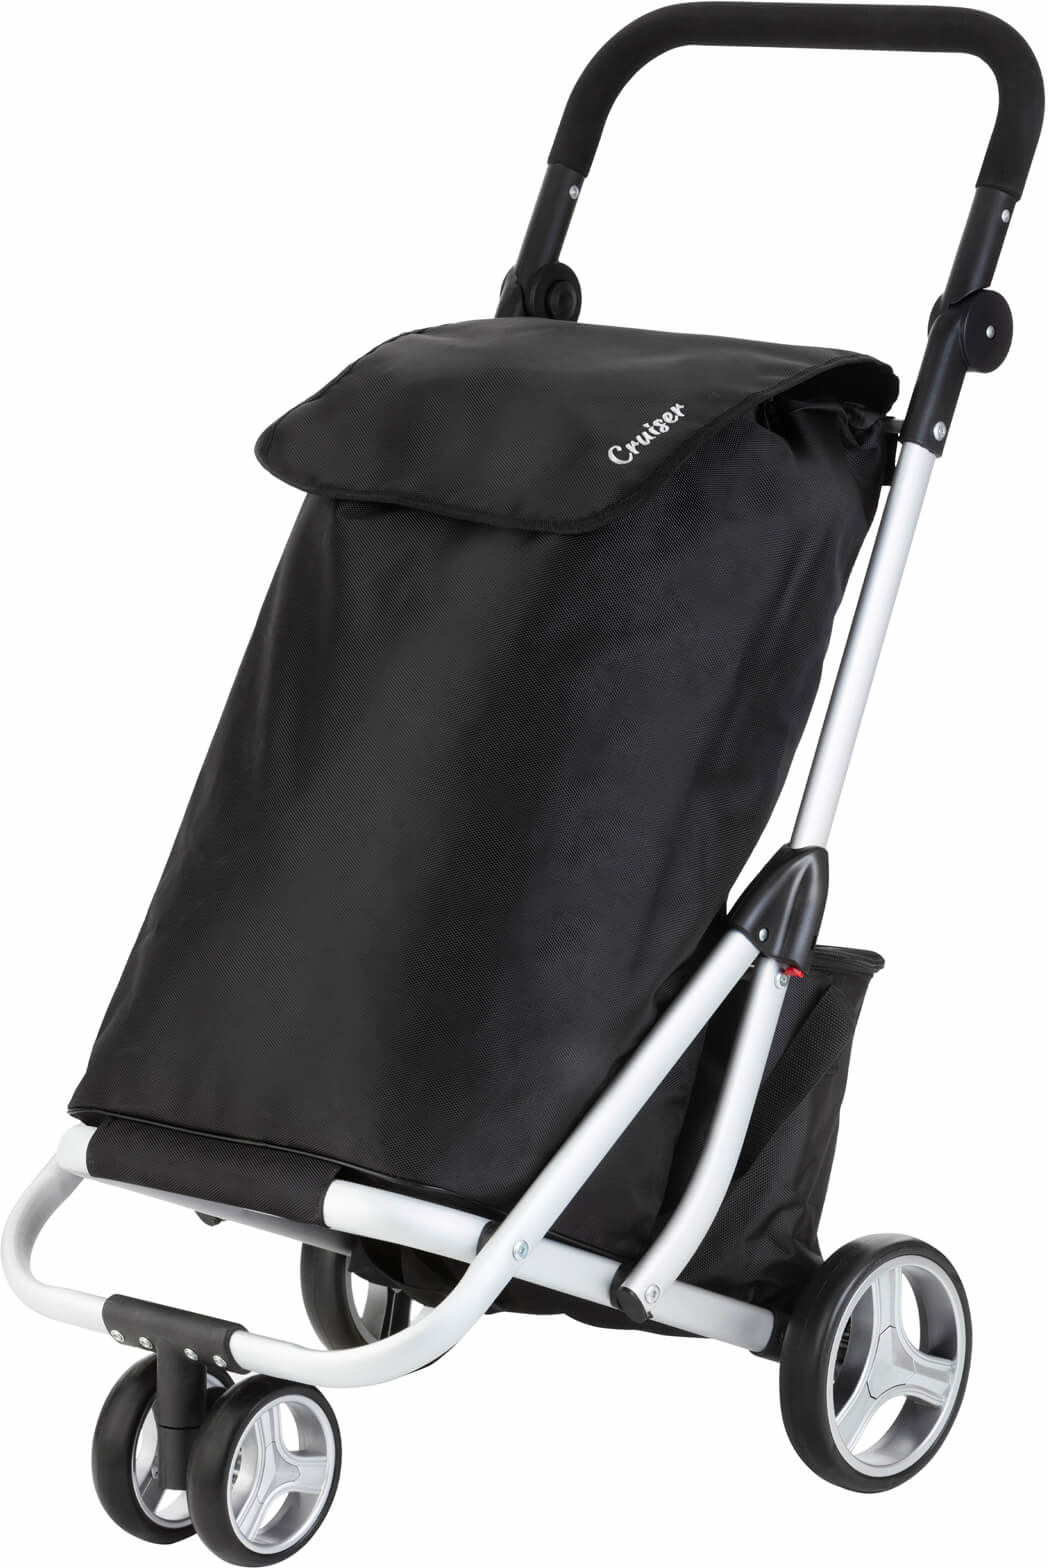 Wózek zakupowy trójkołowy Cruiser /czarny/